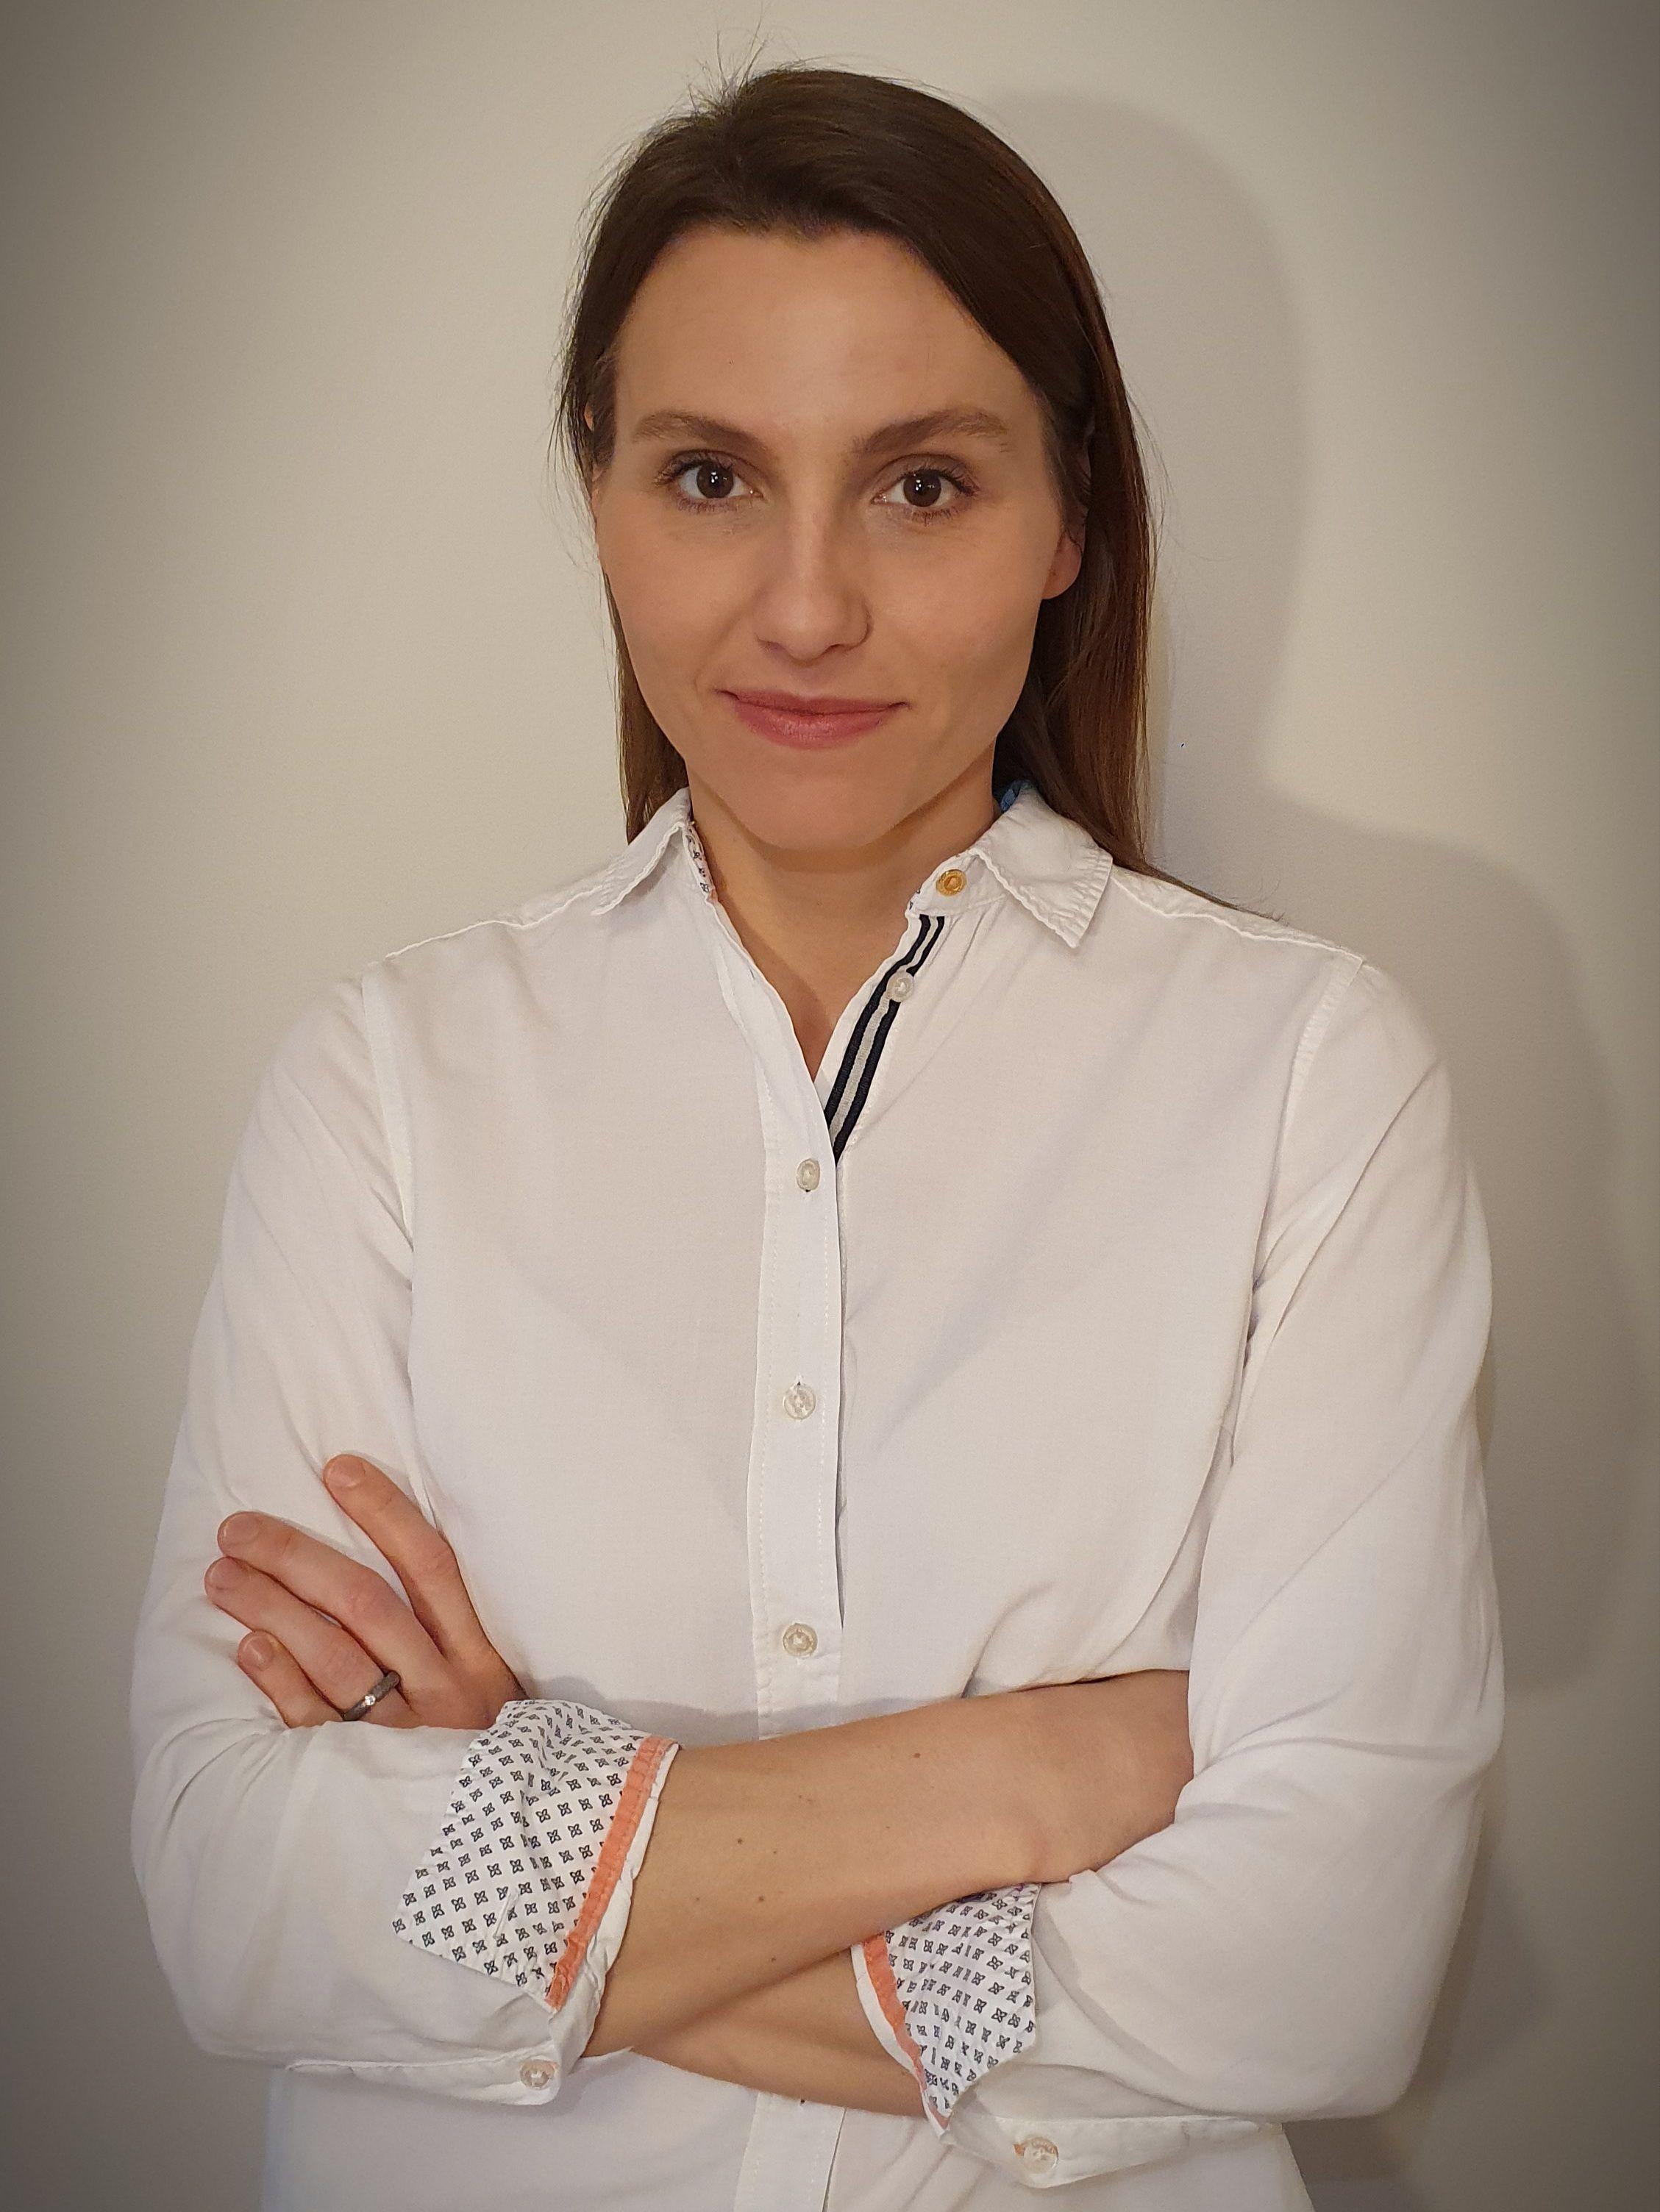 Evelinos Kondrusevičienės nuotrauka